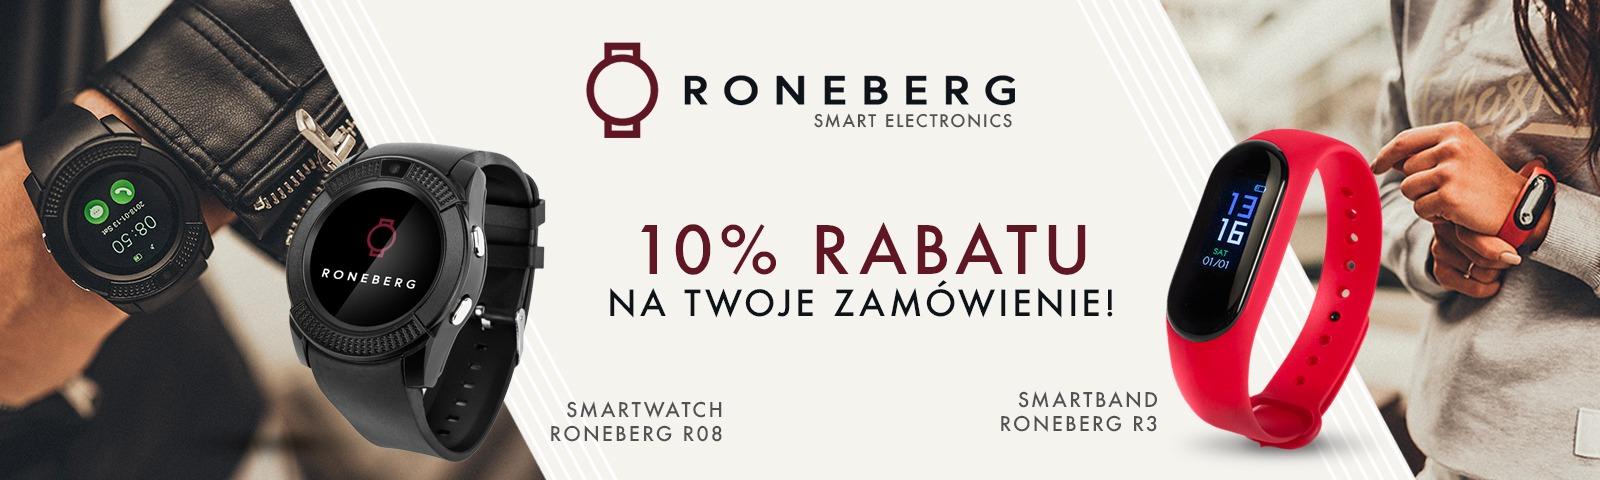 Roneberg Smart kody rabatowe